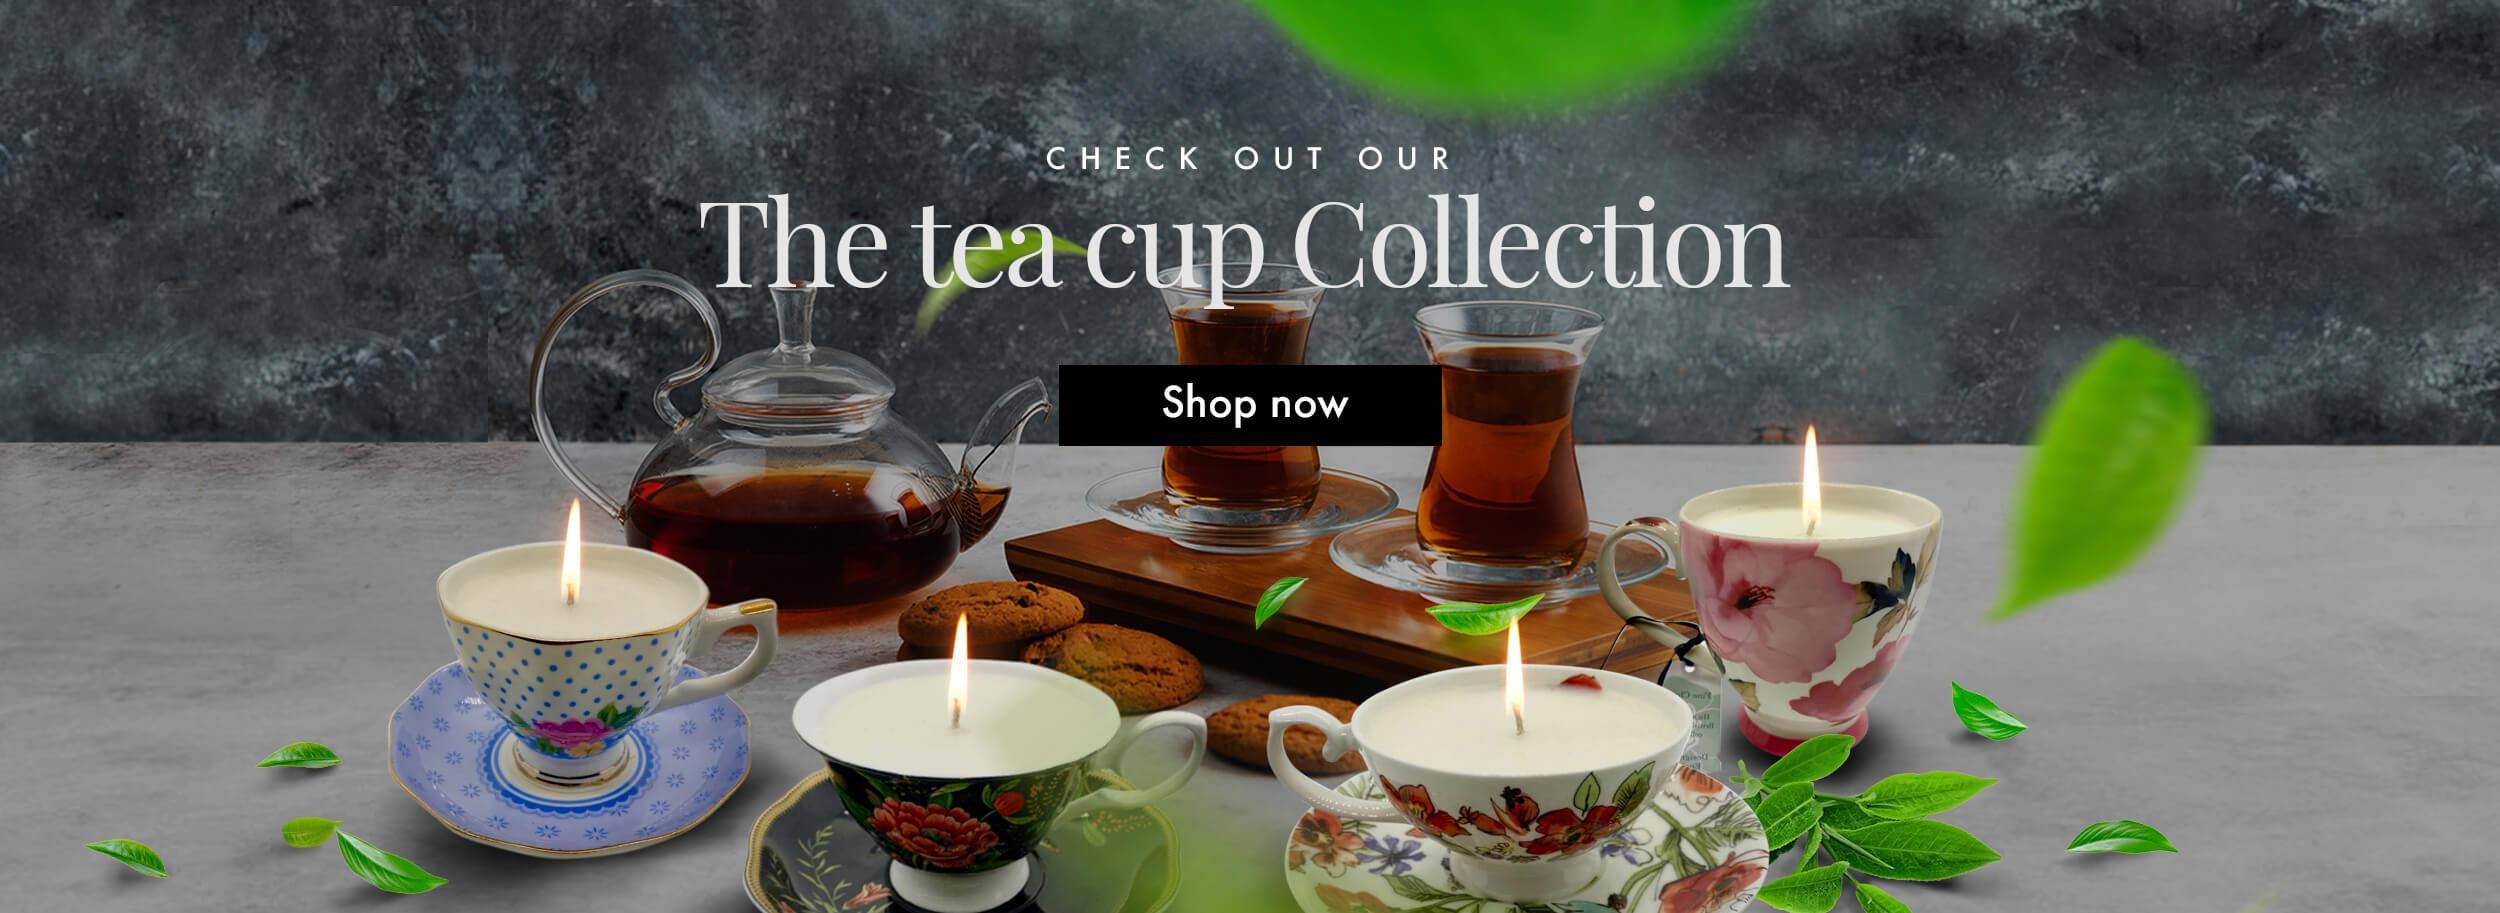 Banner Tea Cup